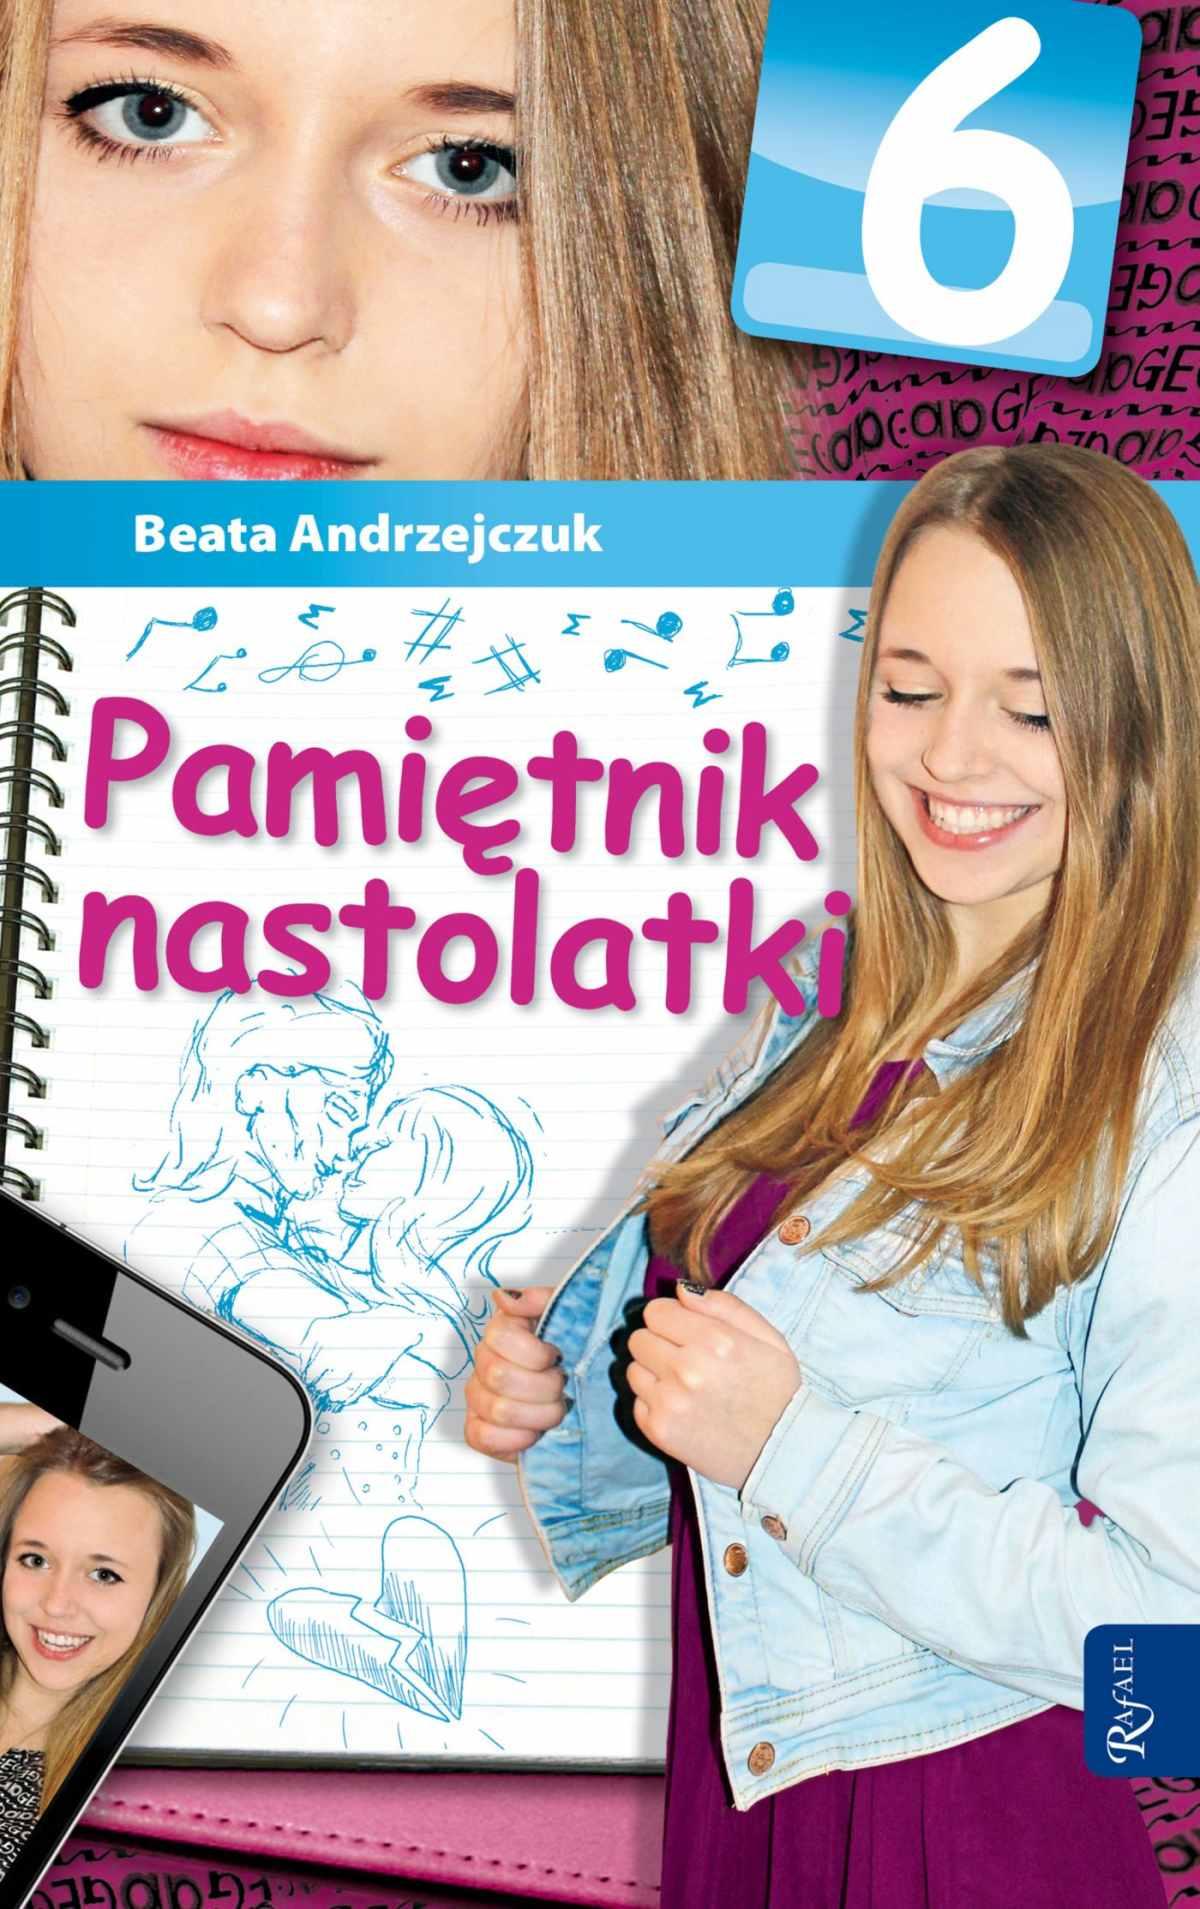 Pamiętnik nastolatki 6 - Ebook (Książka EPUB) do pobrania w formacie EPUB